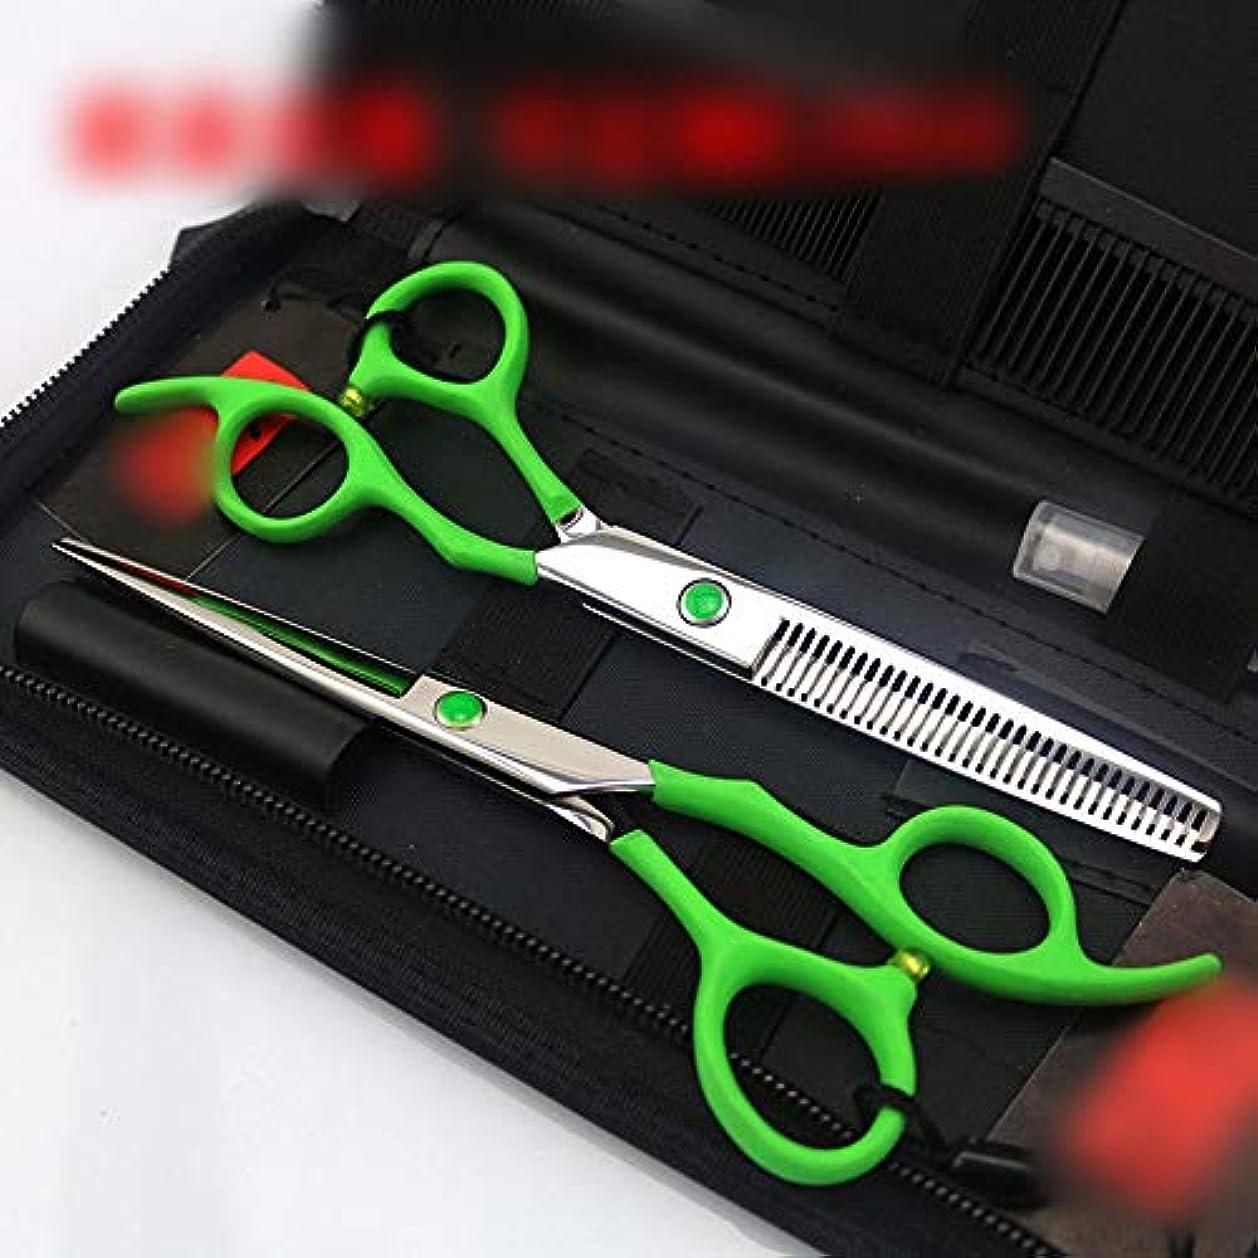 追放する動機アマゾンジャングル6.0インチグリーンプロフェッショナル理髪はさみセット、フラット+歯シザー理髪ツール モデリングツール (色 : オレンジ)